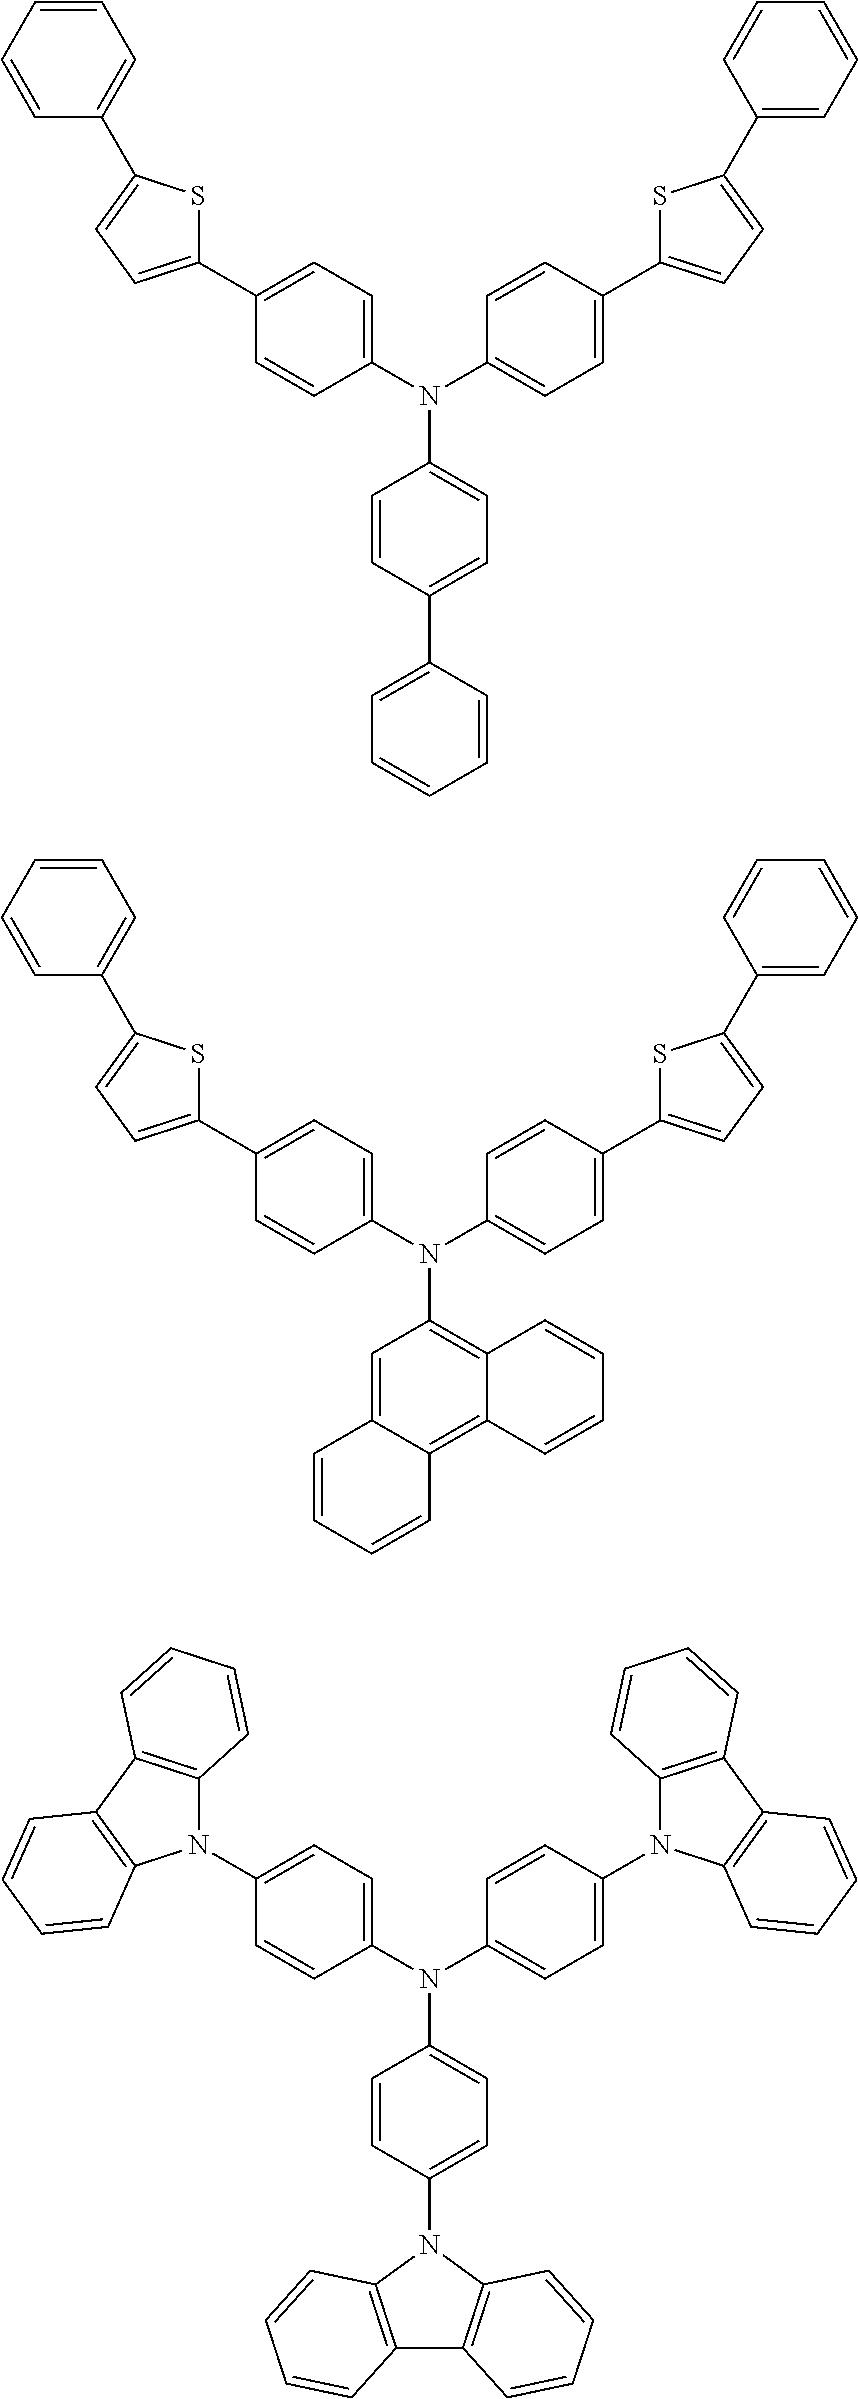 Figure US08568903-20131029-C00699